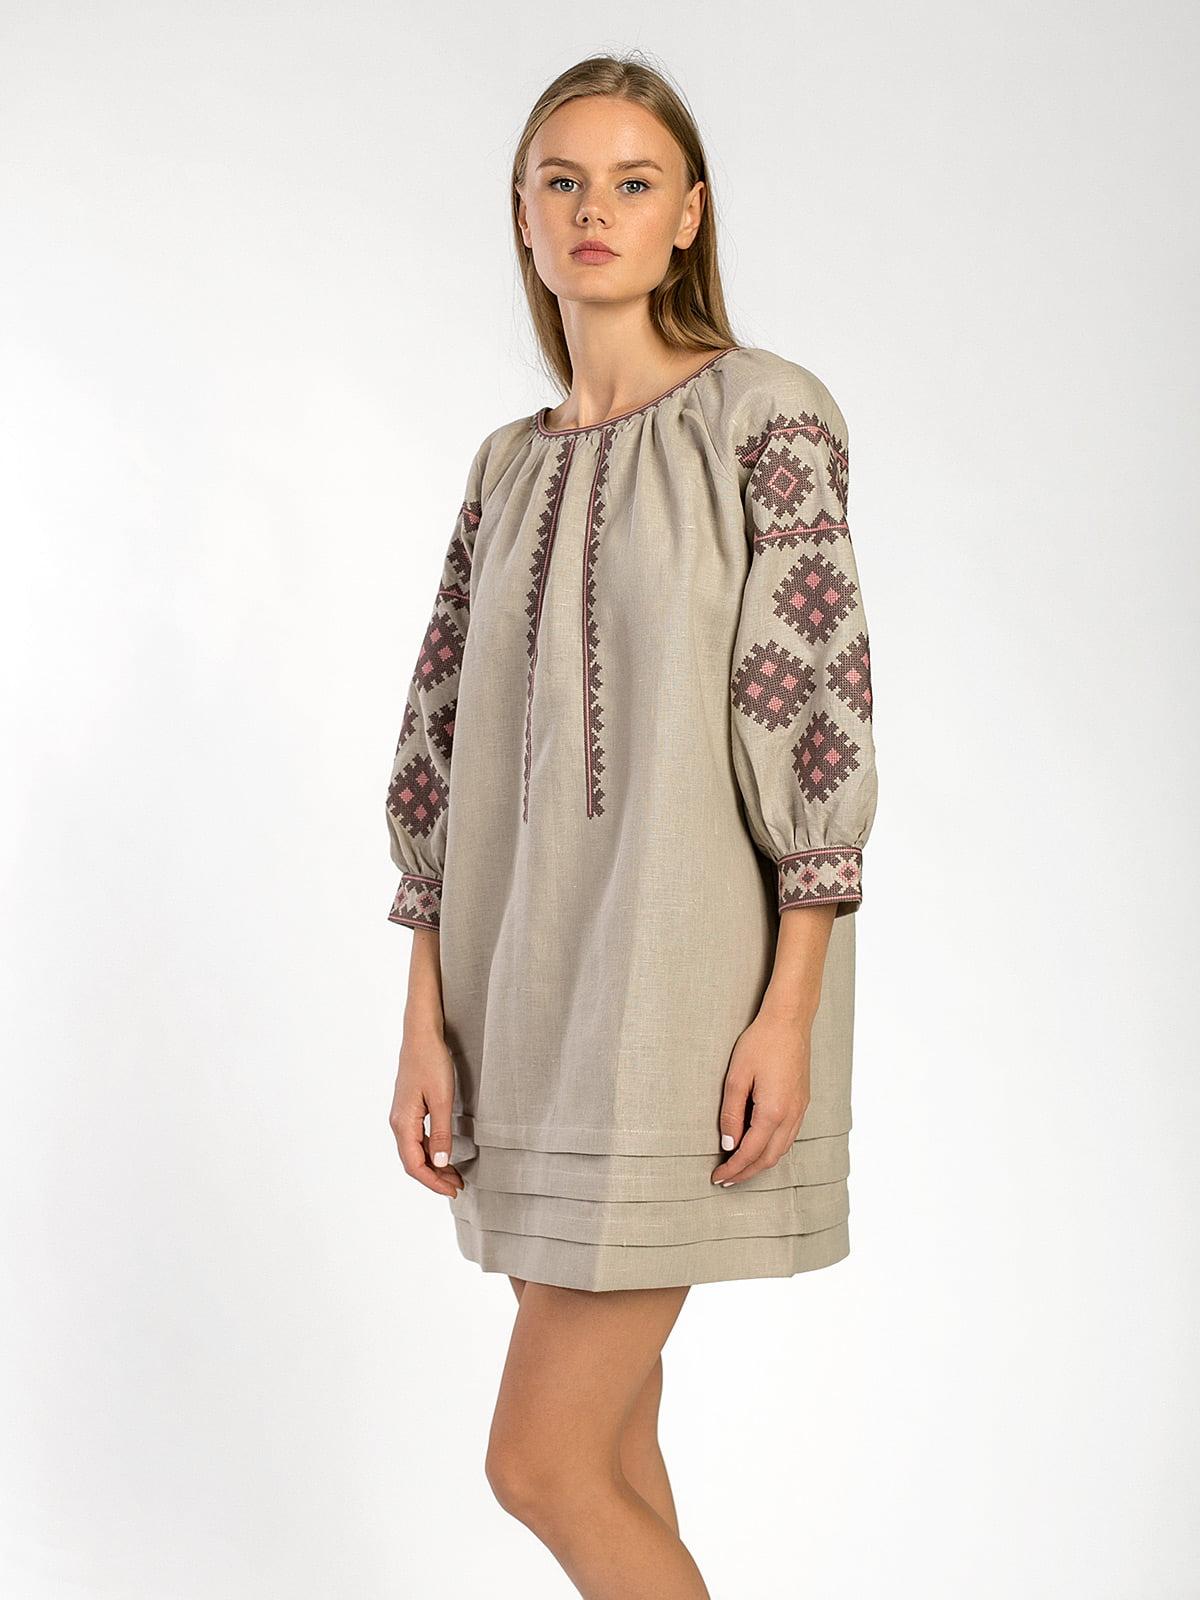 Лляна вишита сукня вільного крою з кишенями MD18 – купити в Києві та ... 2f841ab793854